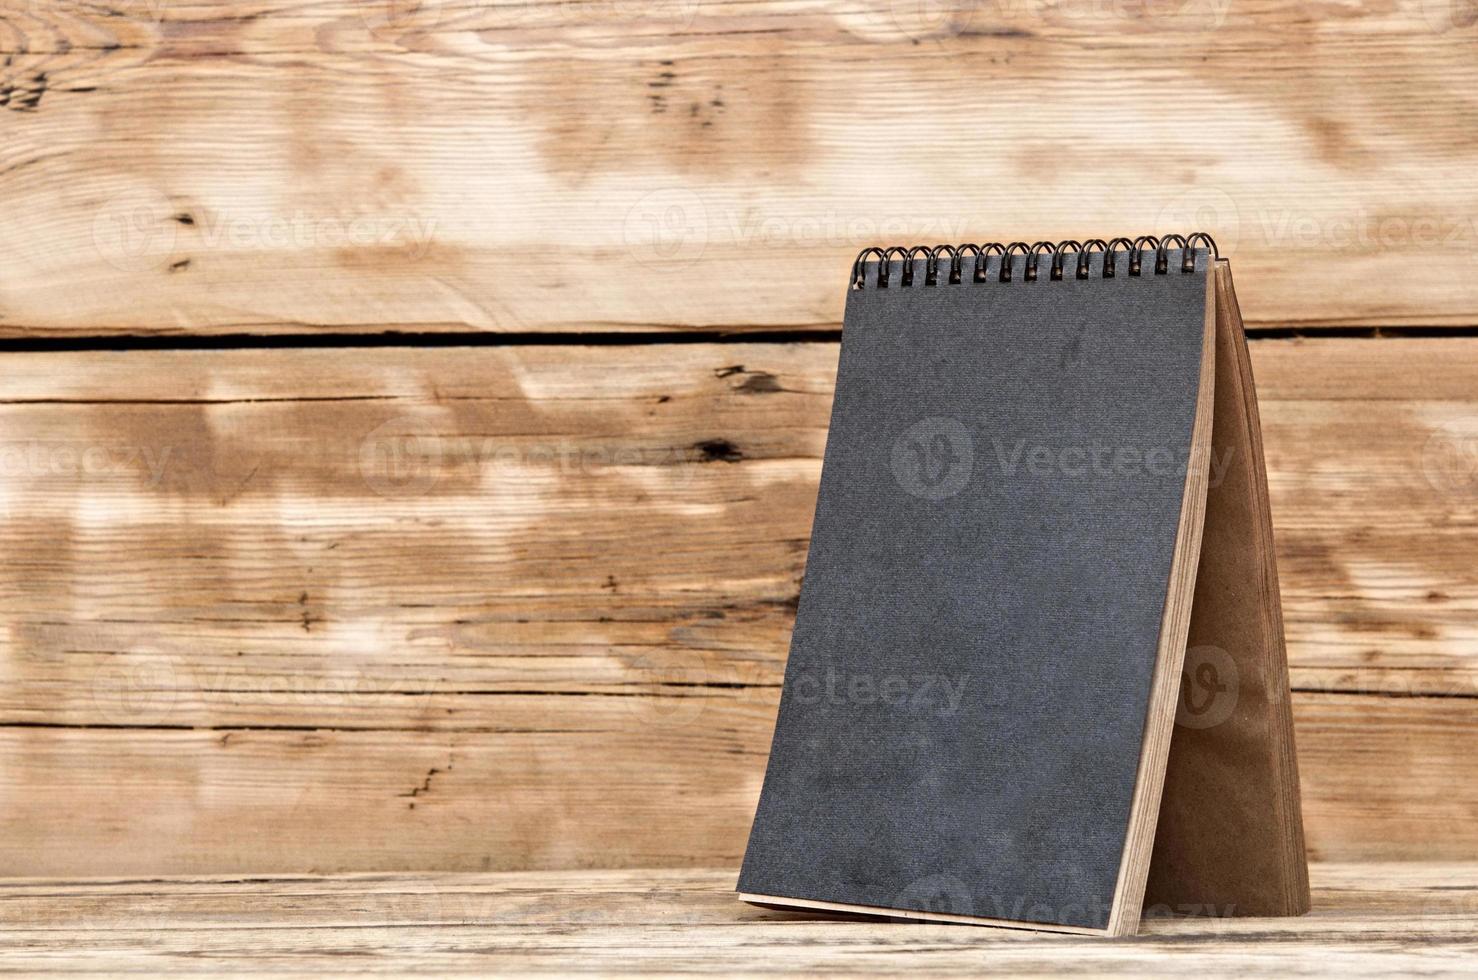 calendario de escritorio en blanco único en mesa de madera foto